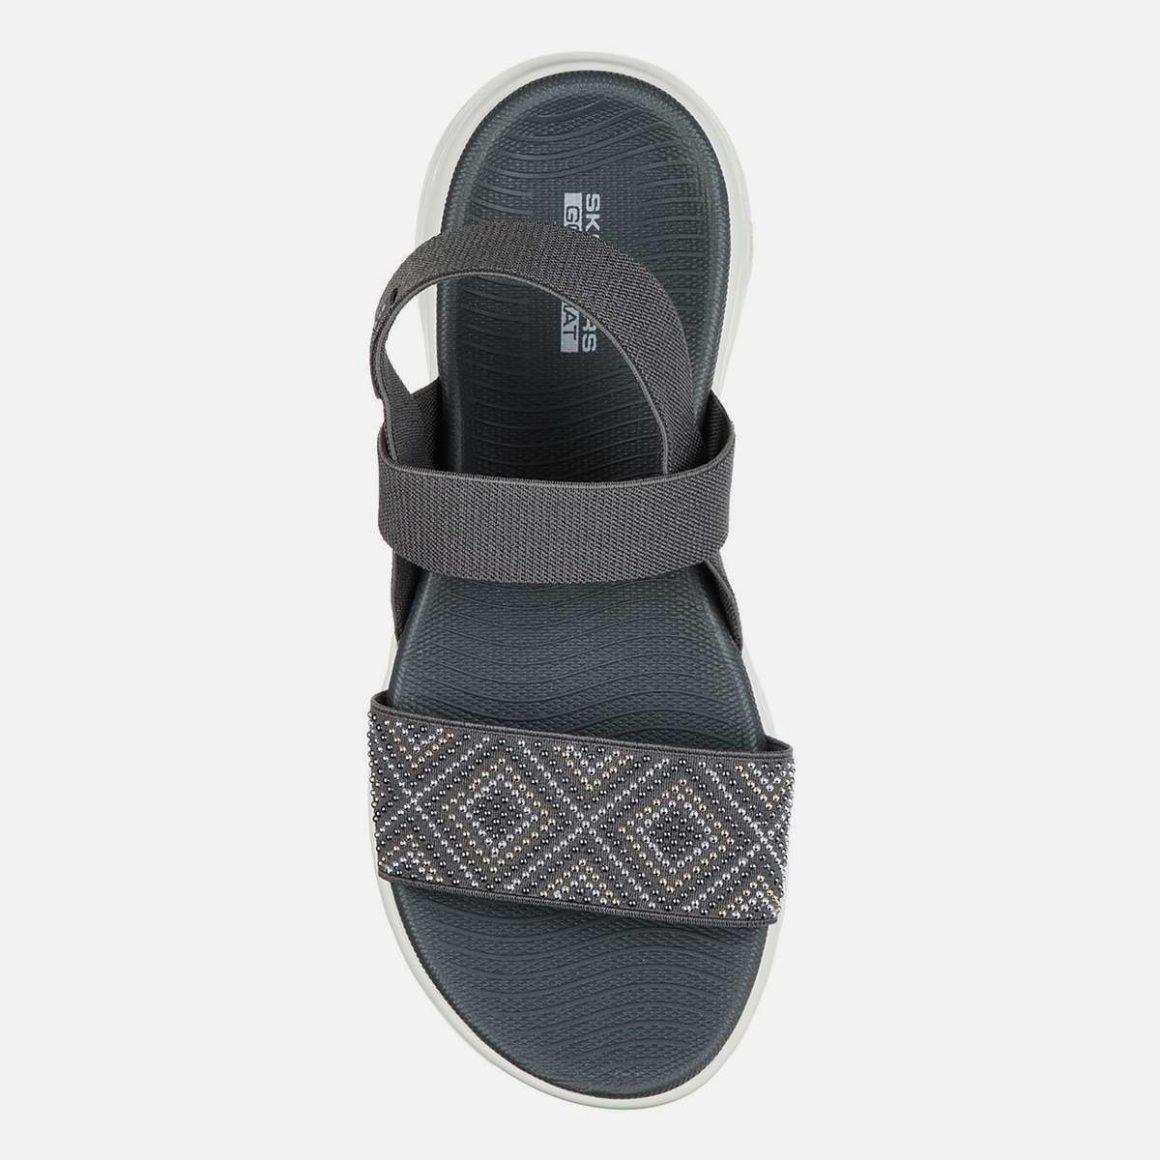 SKECHERS Embellished Slingback Sandals